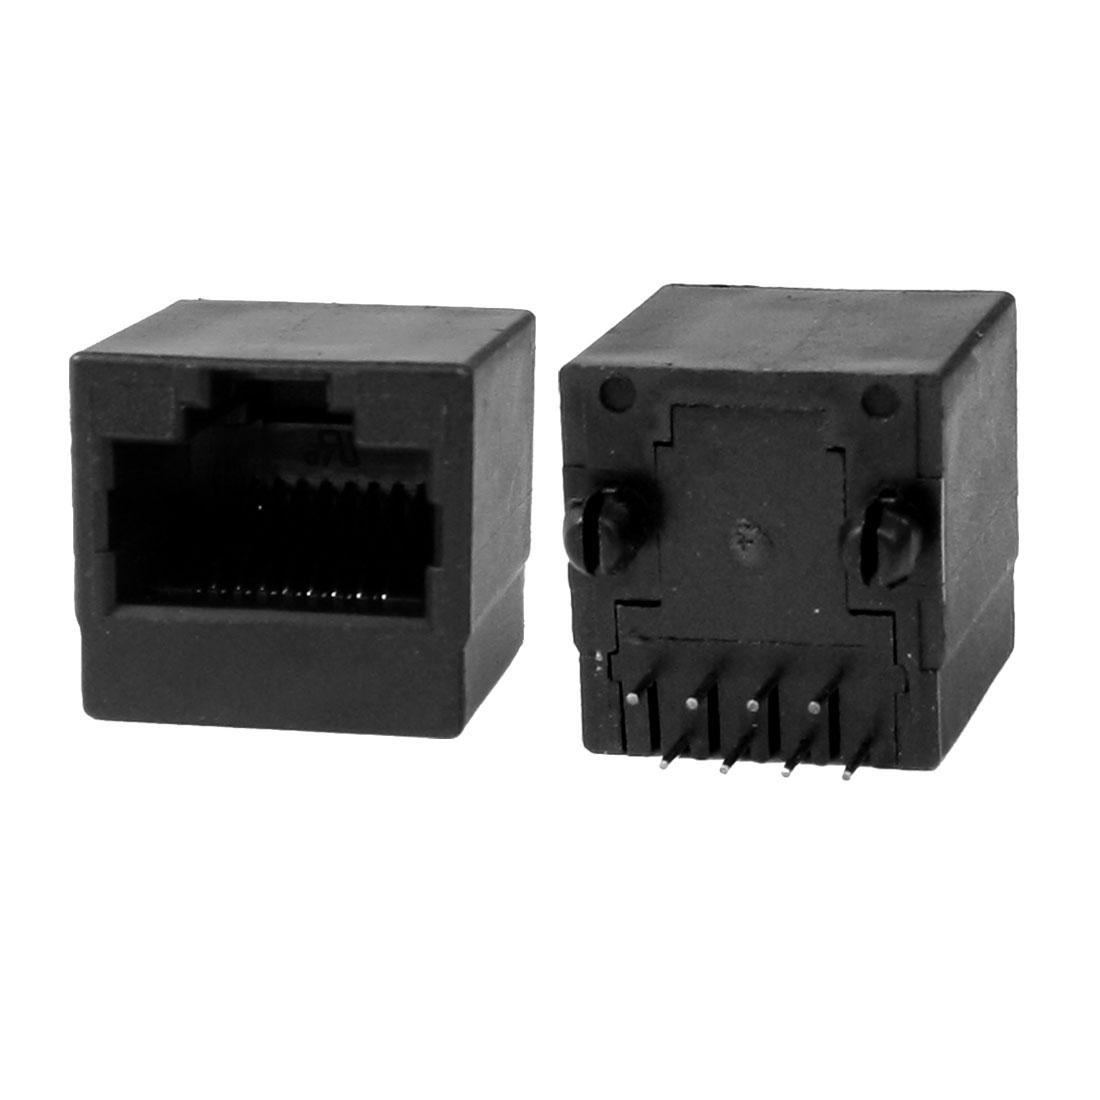 10 Pcs 15mm Long Black Plastic Shell 8P8C RJ45 Modular Network Jacks Sockets